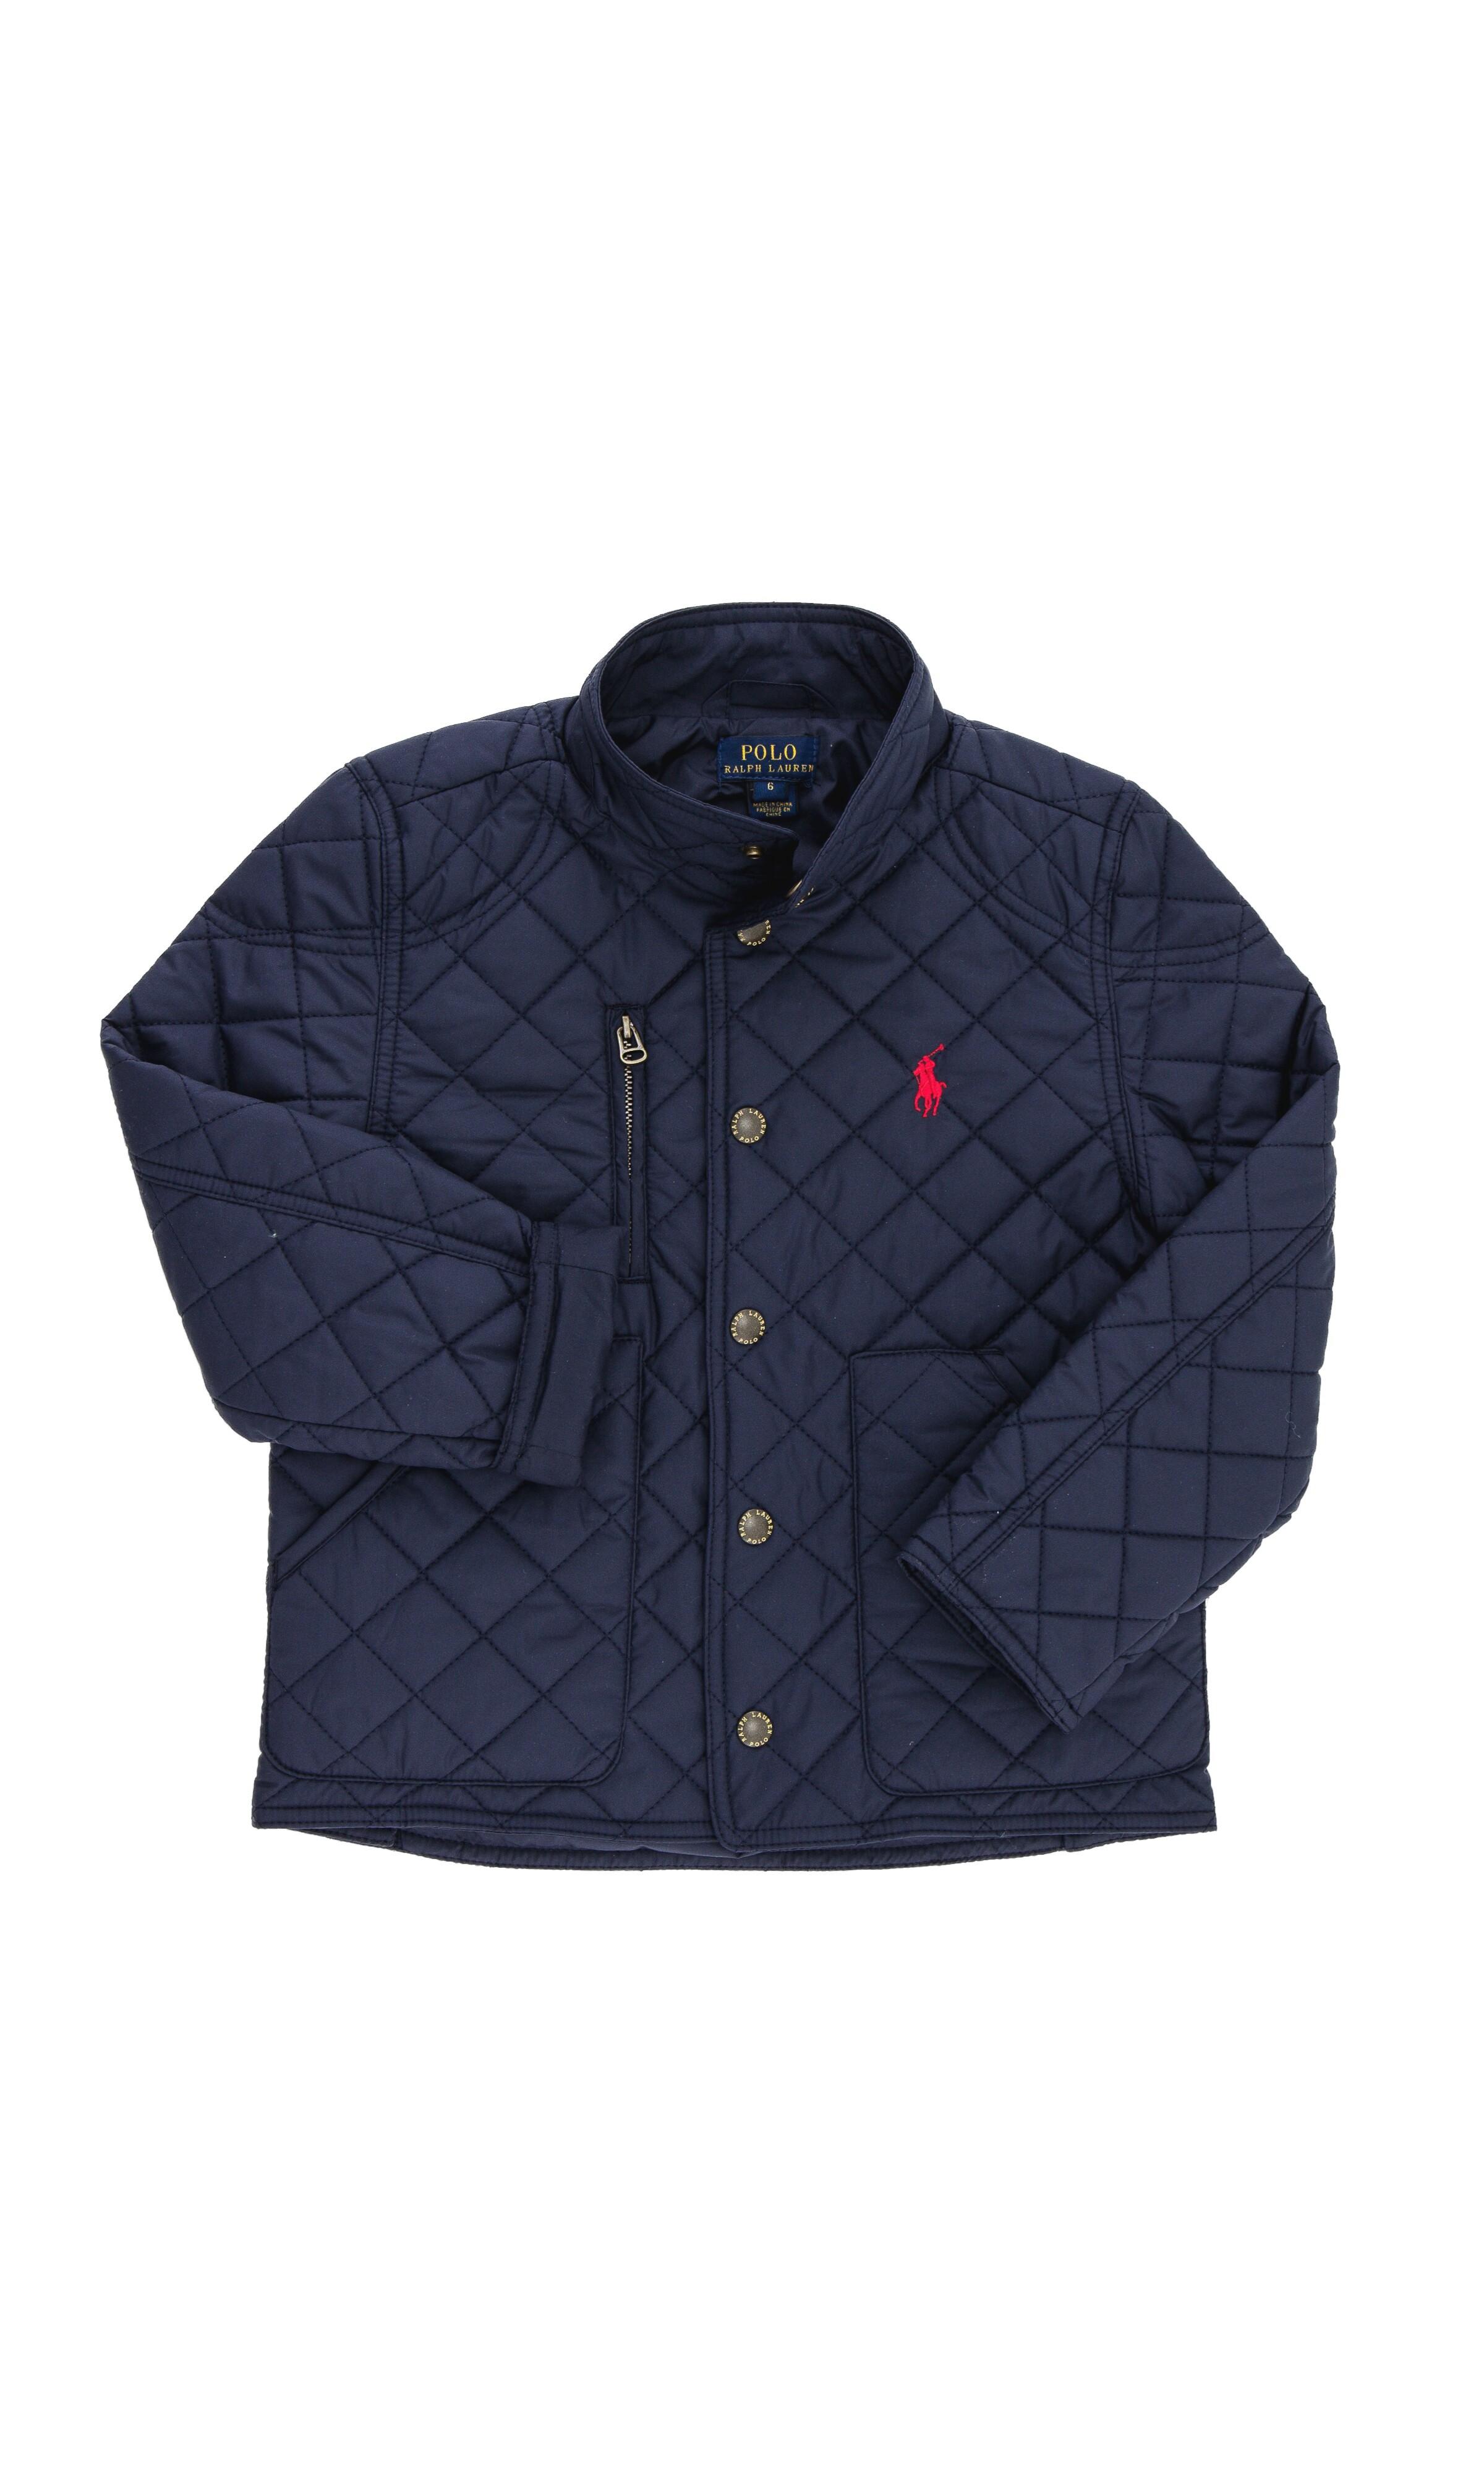 806c8b8a1e784 Granatowa pikowana kurtka, Polo Ralph Lauren - Celebrity-Club